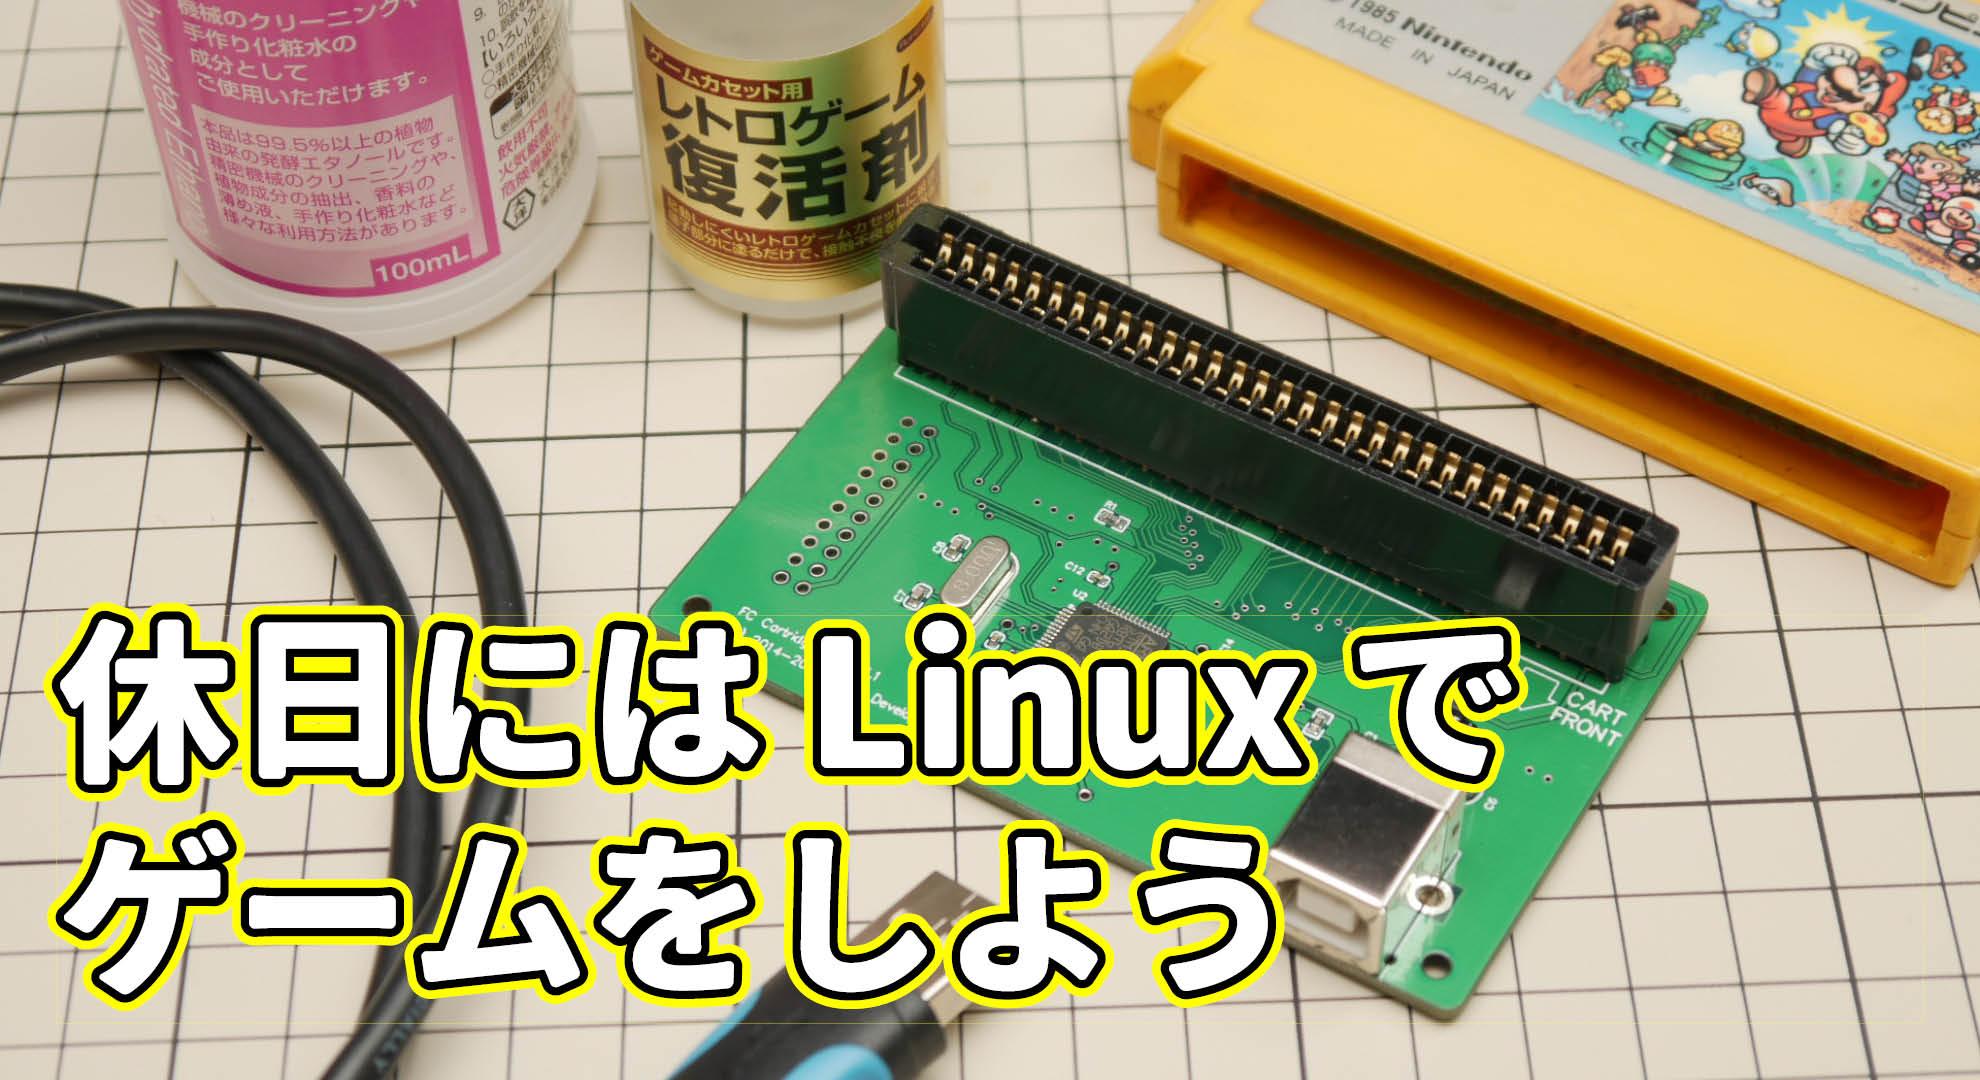 休日には Linux でゲームをしよう。